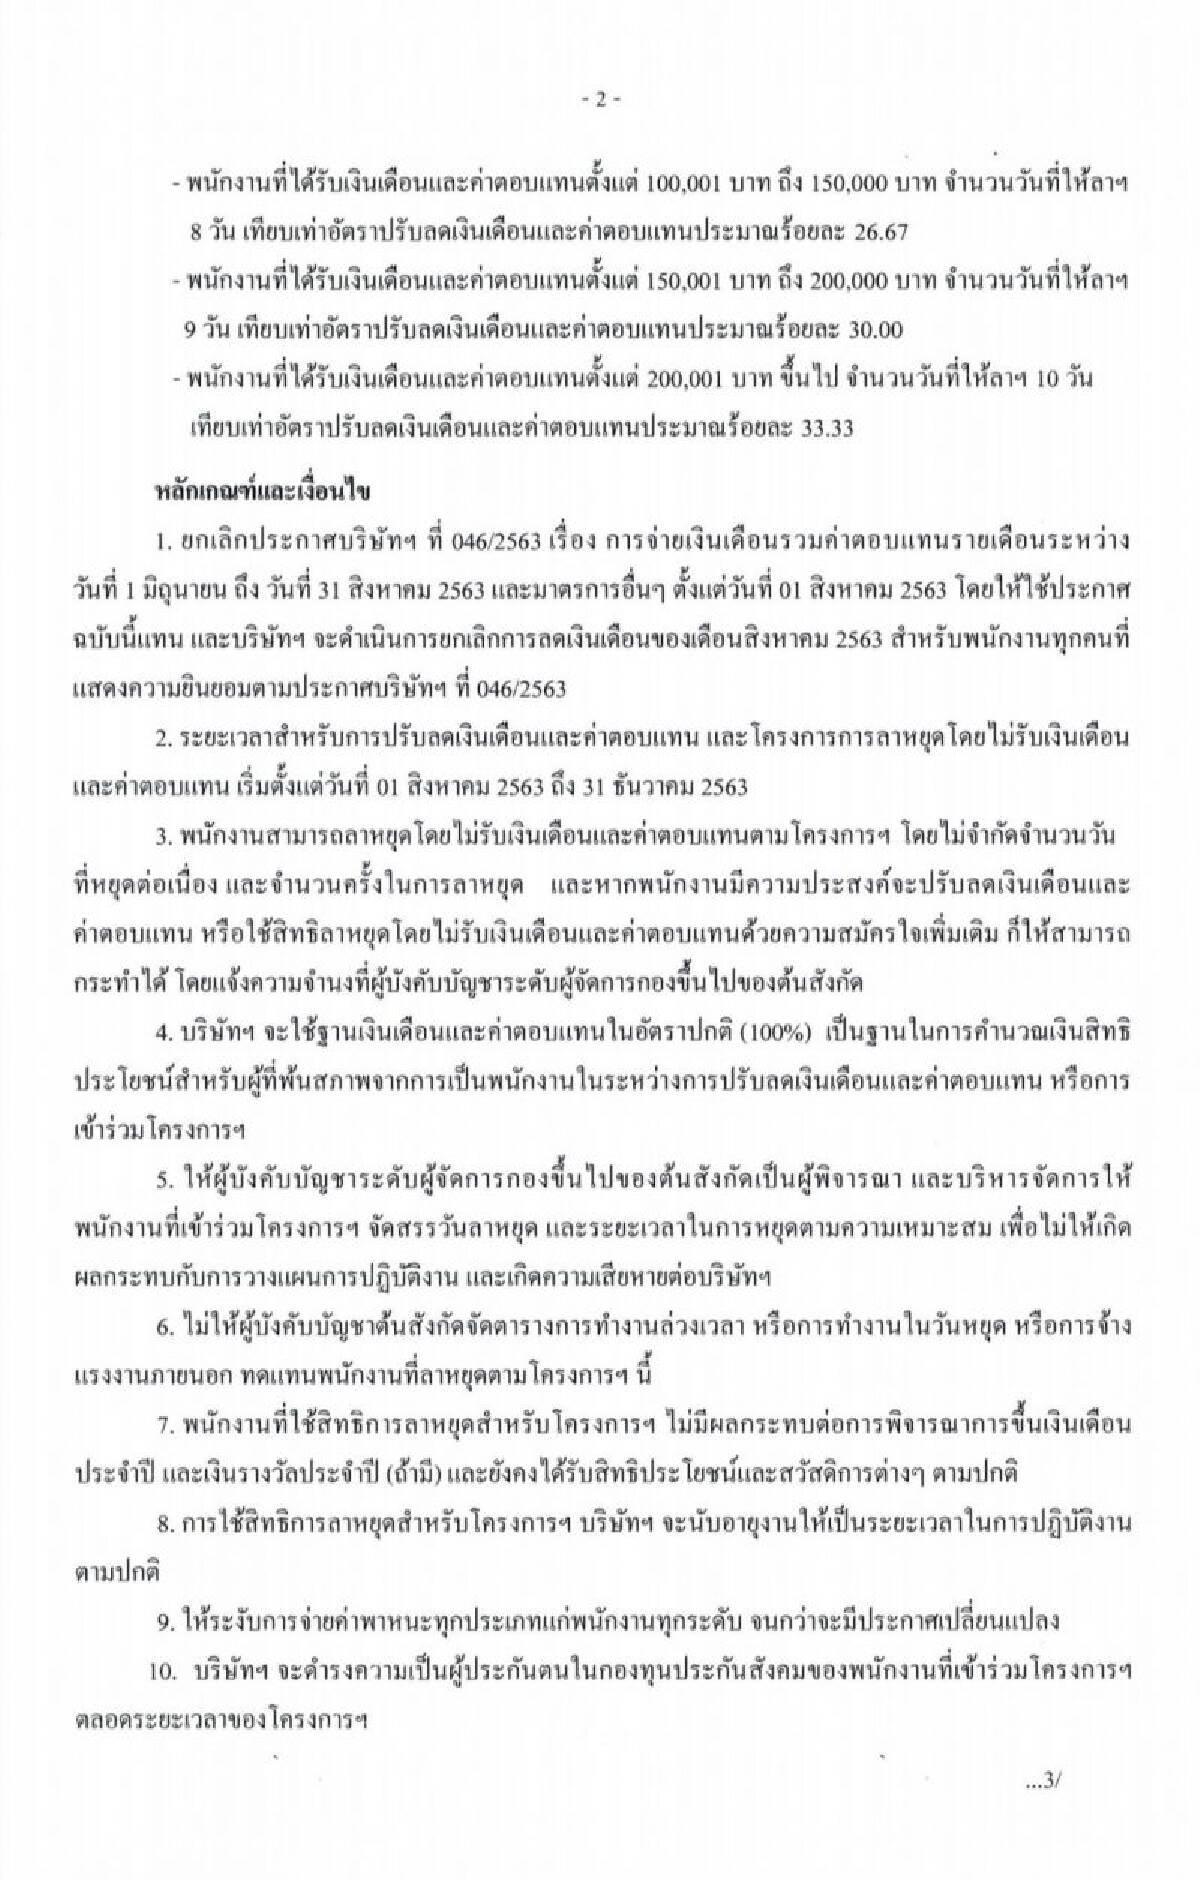 การบินไทย ประกาศ ลดเงินเดือนสูงสุด70%-ลาไม่รับค่าจ้าง ถึงธ.ค.นี้